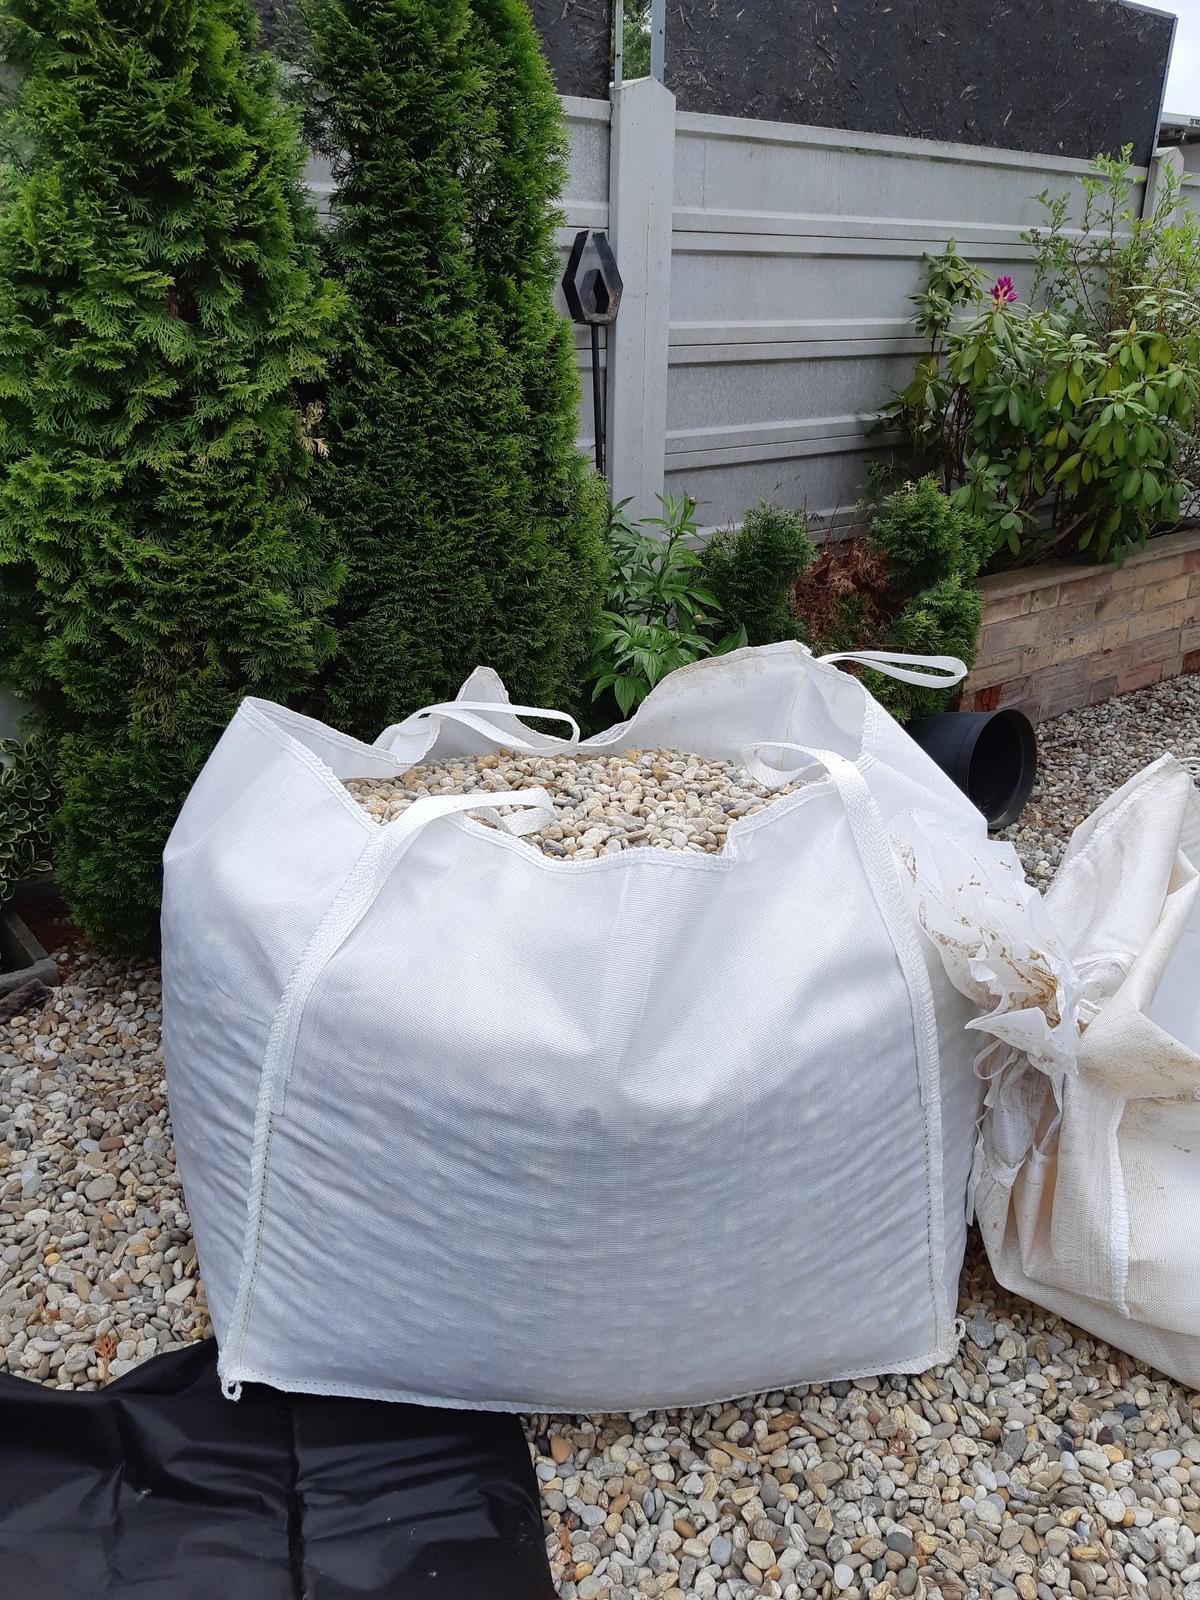 Záhradka - A potom sa okolie upravi strkom. Same nie, ja to urobim. Menim postupne vsade v zahonoch koru za strk.